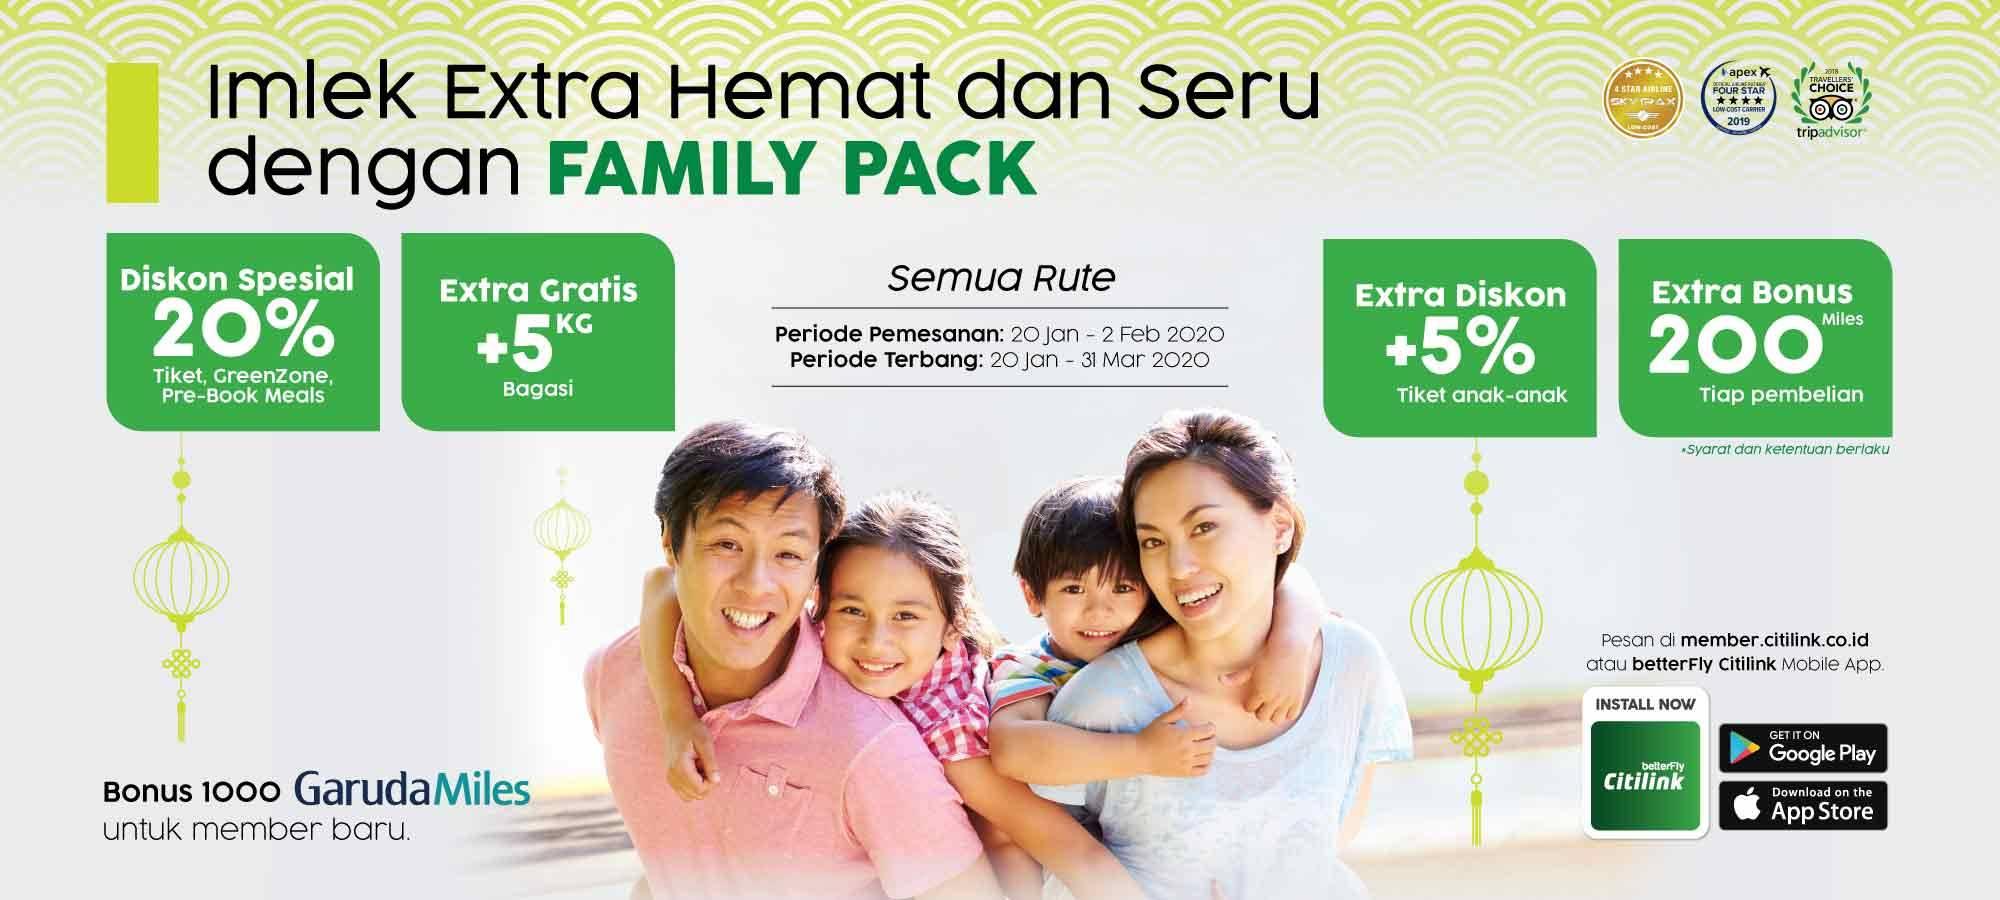 Citilink Promo Family Pack Spesial Imlek